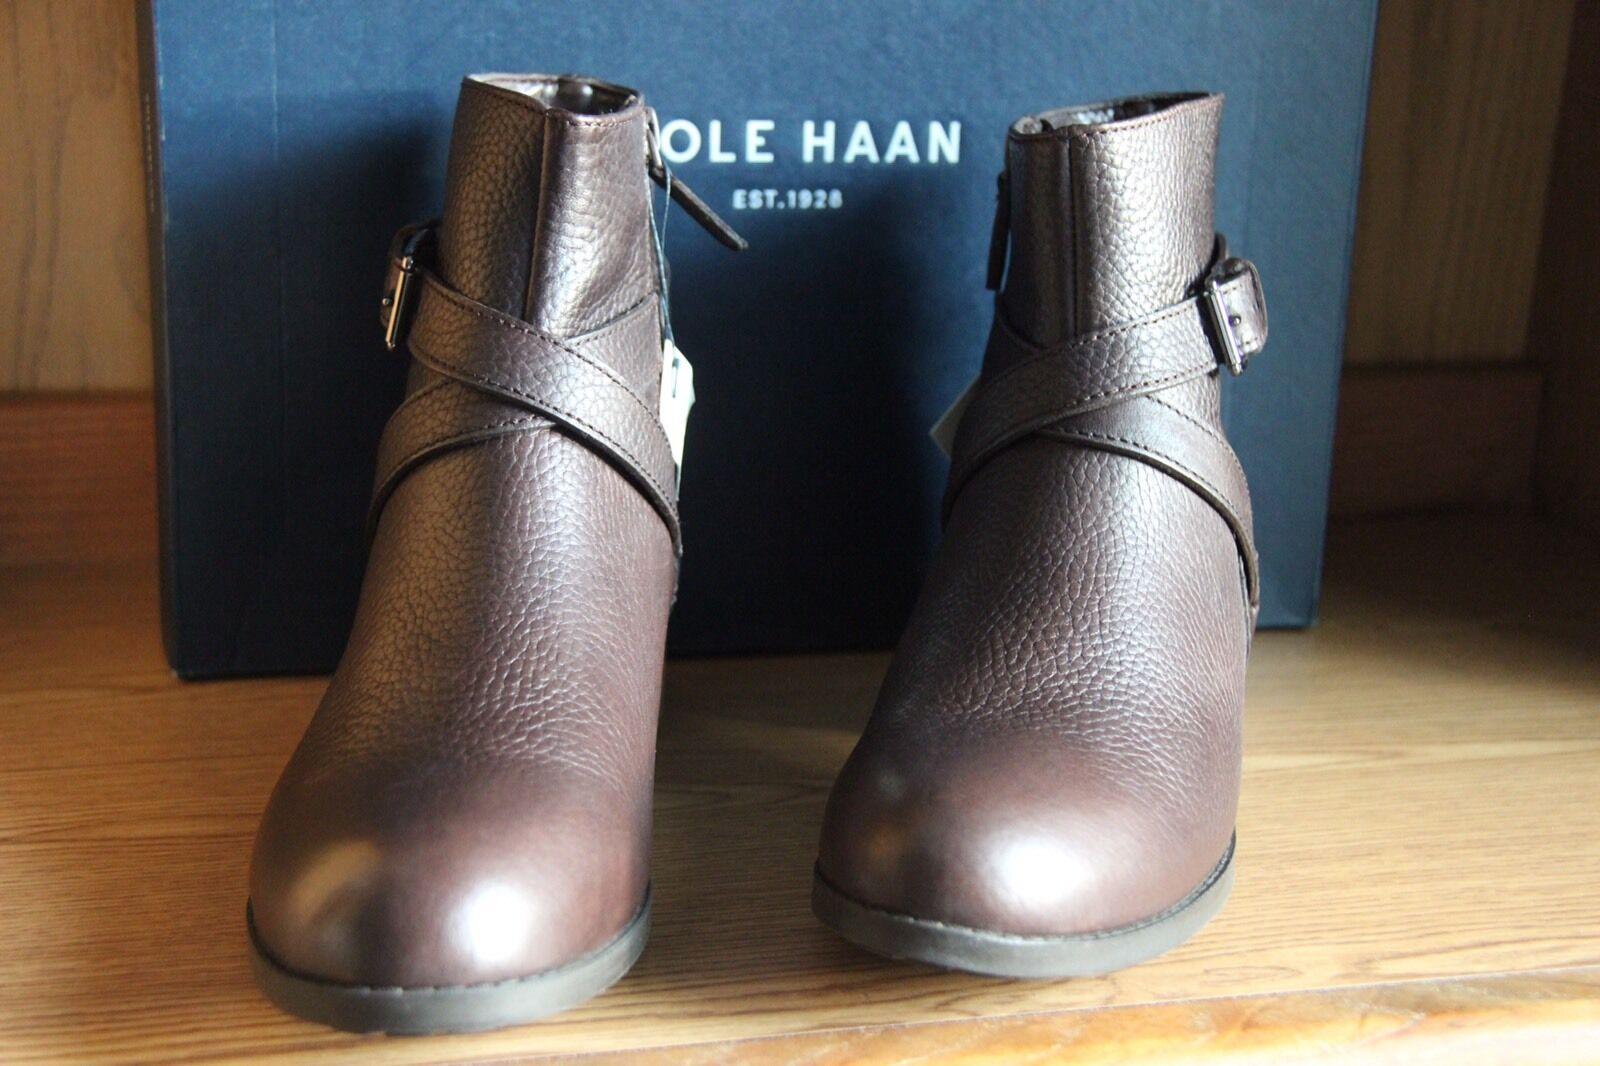 vendita calda Cole Haan Manda avvioie II Java Marrone Leather Leather Leather avvio donna Dimensione 10  W04993  negozio outlet